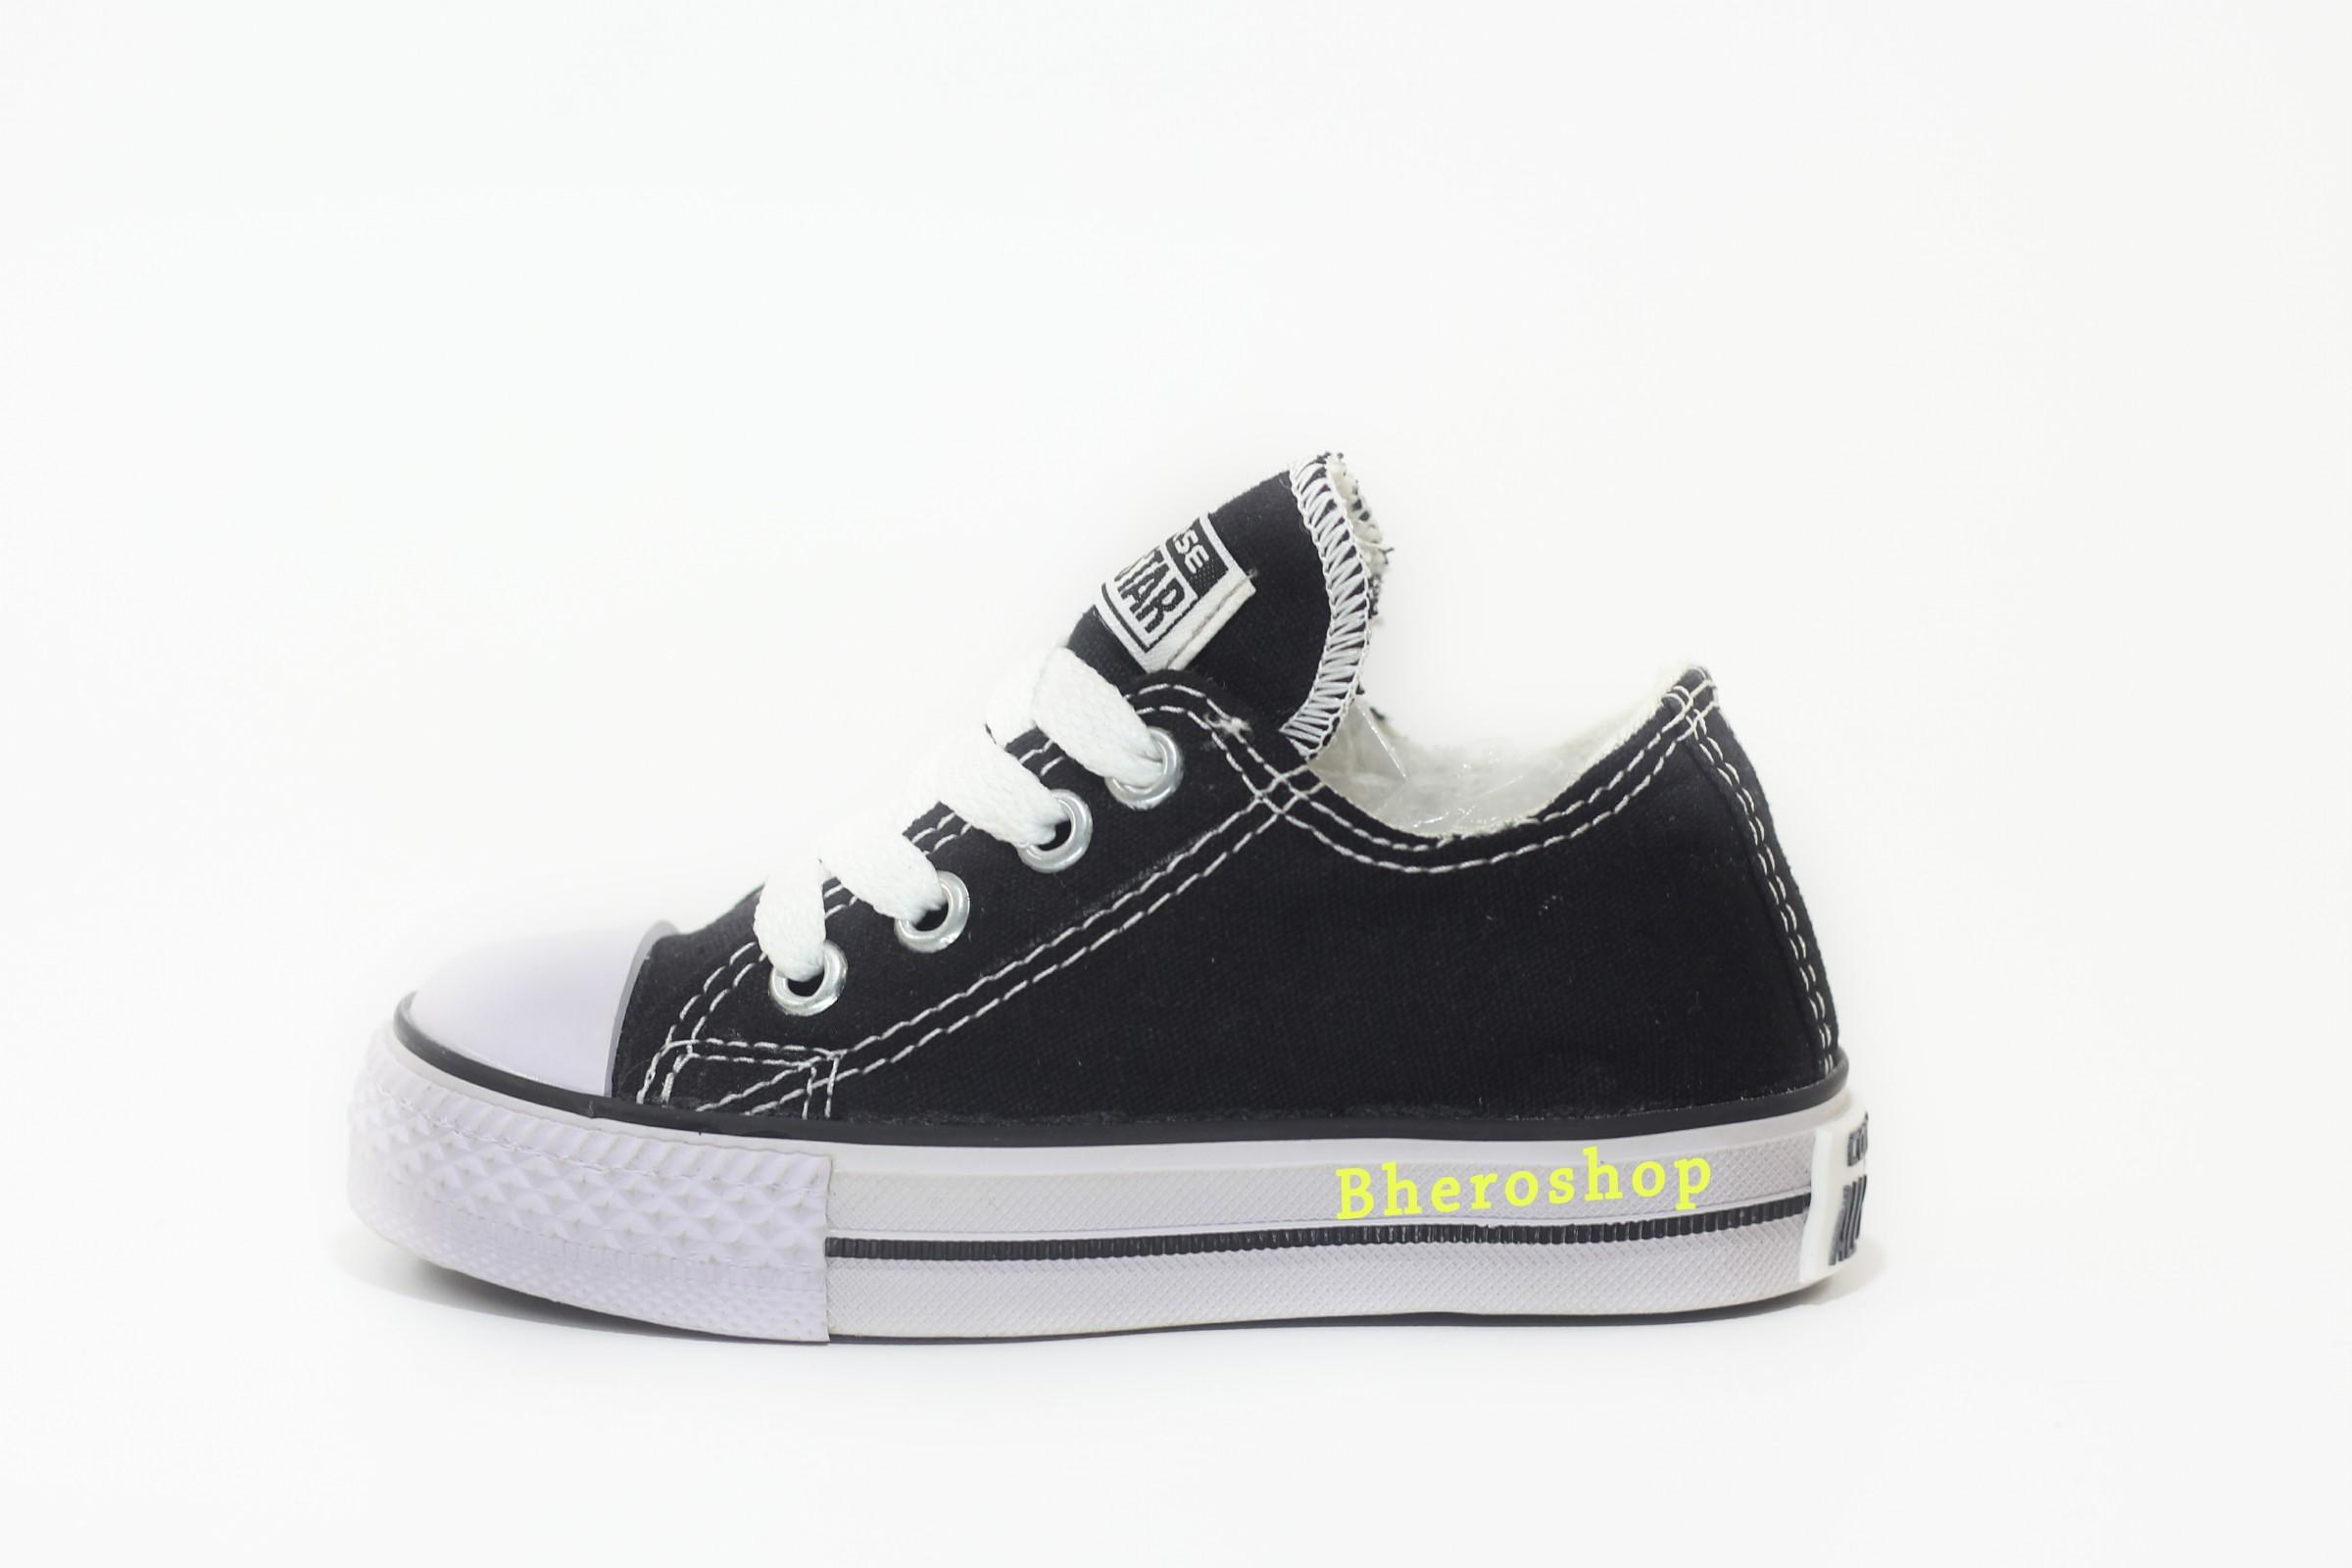 Sneakers Shoes - Membeli Sneakers Shoes Harga Terbaik di